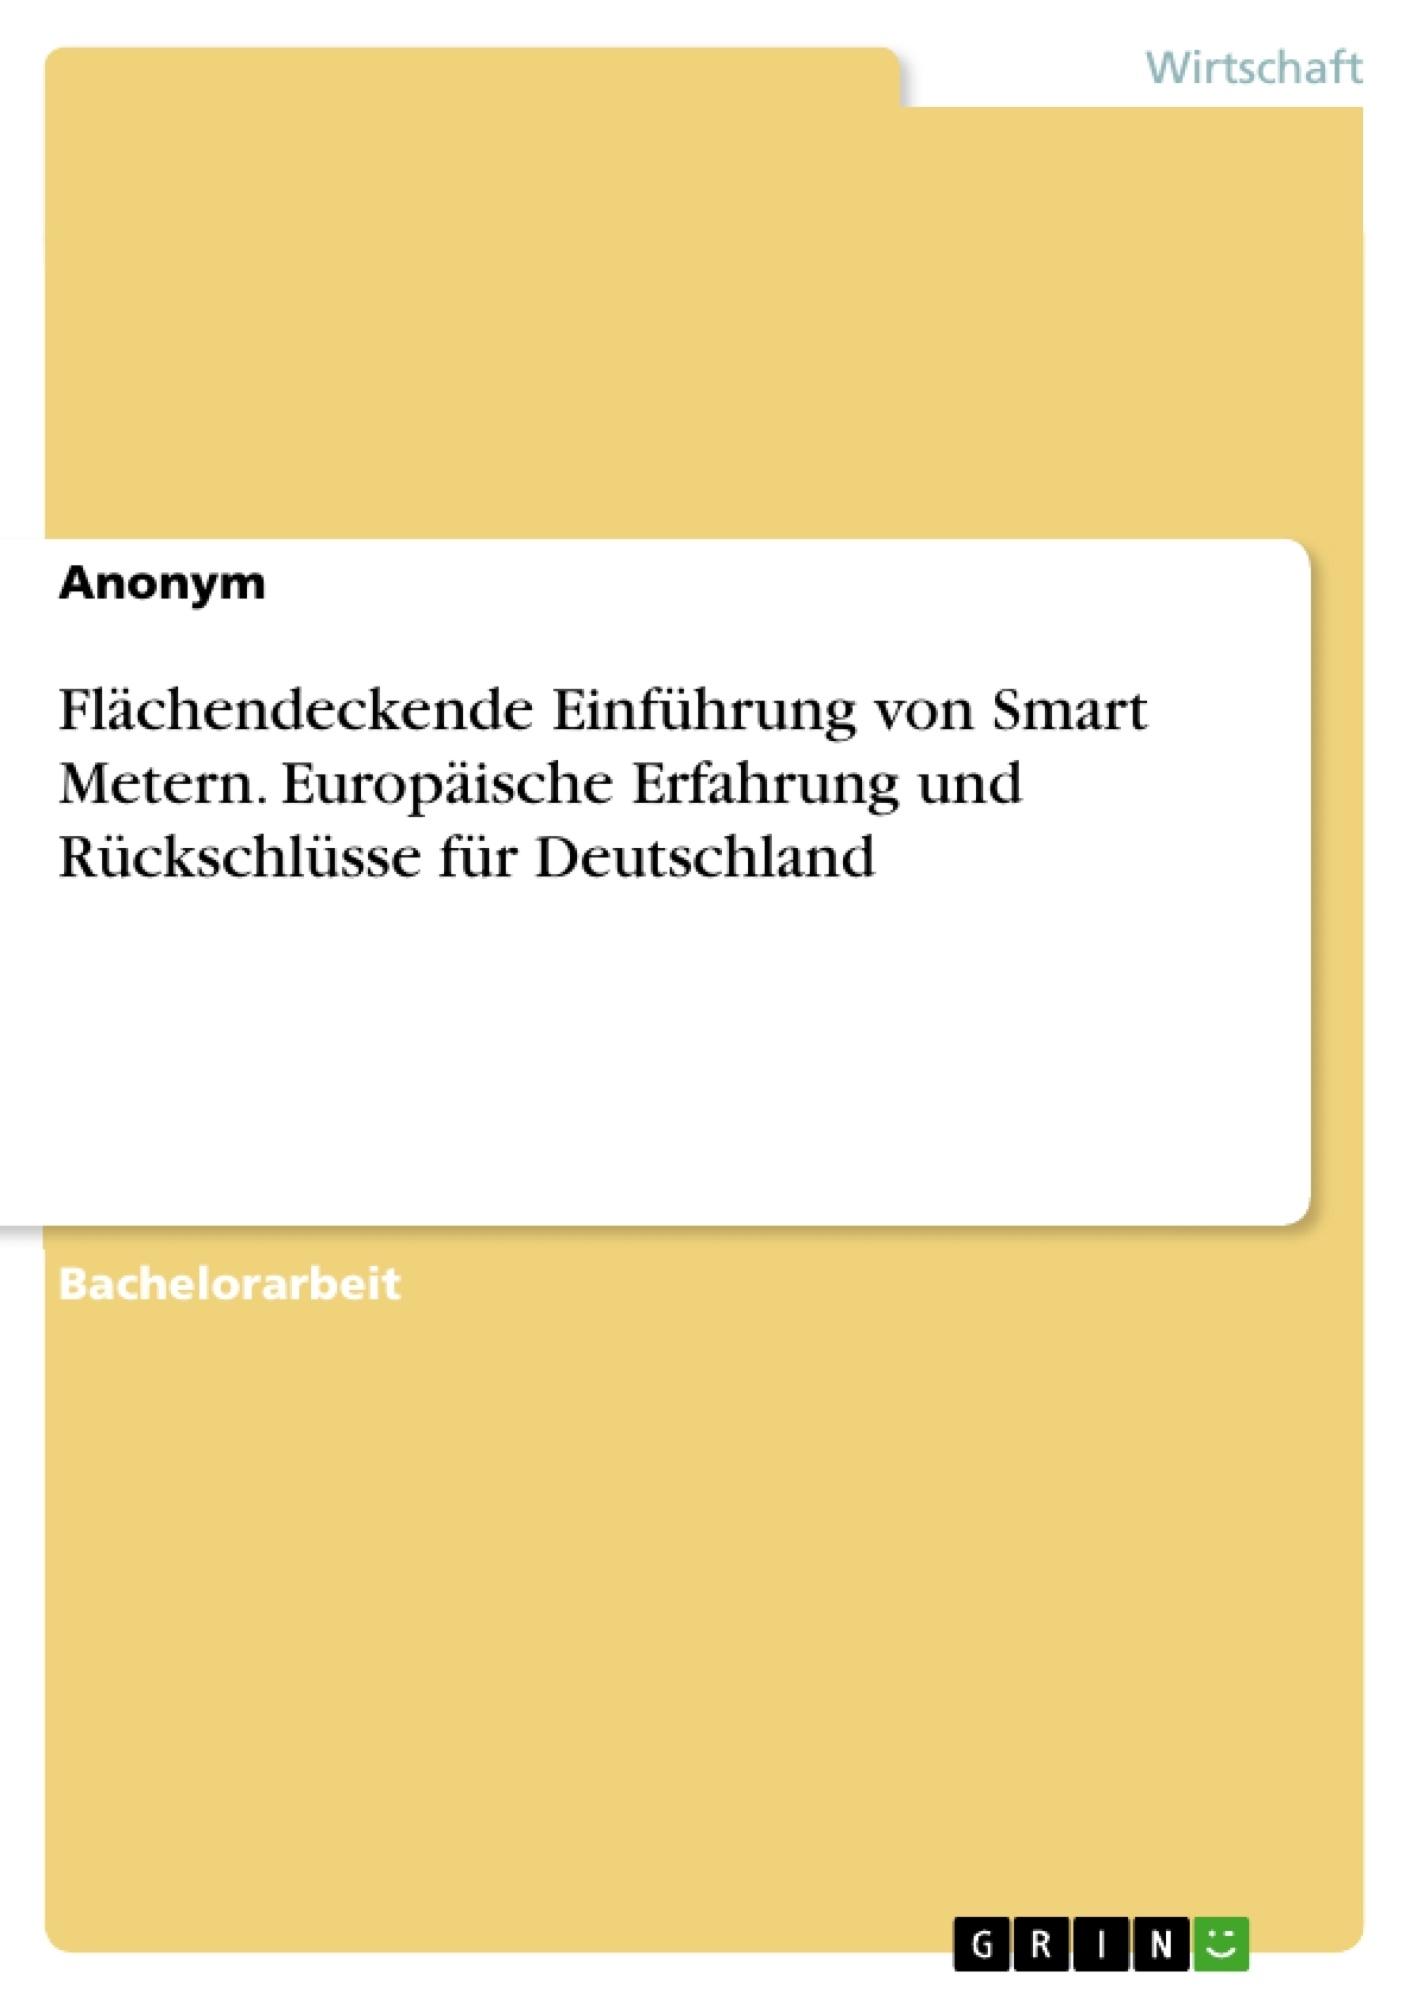 Titel: Flächendeckende Einführung von Smart Metern. Europäische Erfahrung und Rückschlüsse für Deutschland